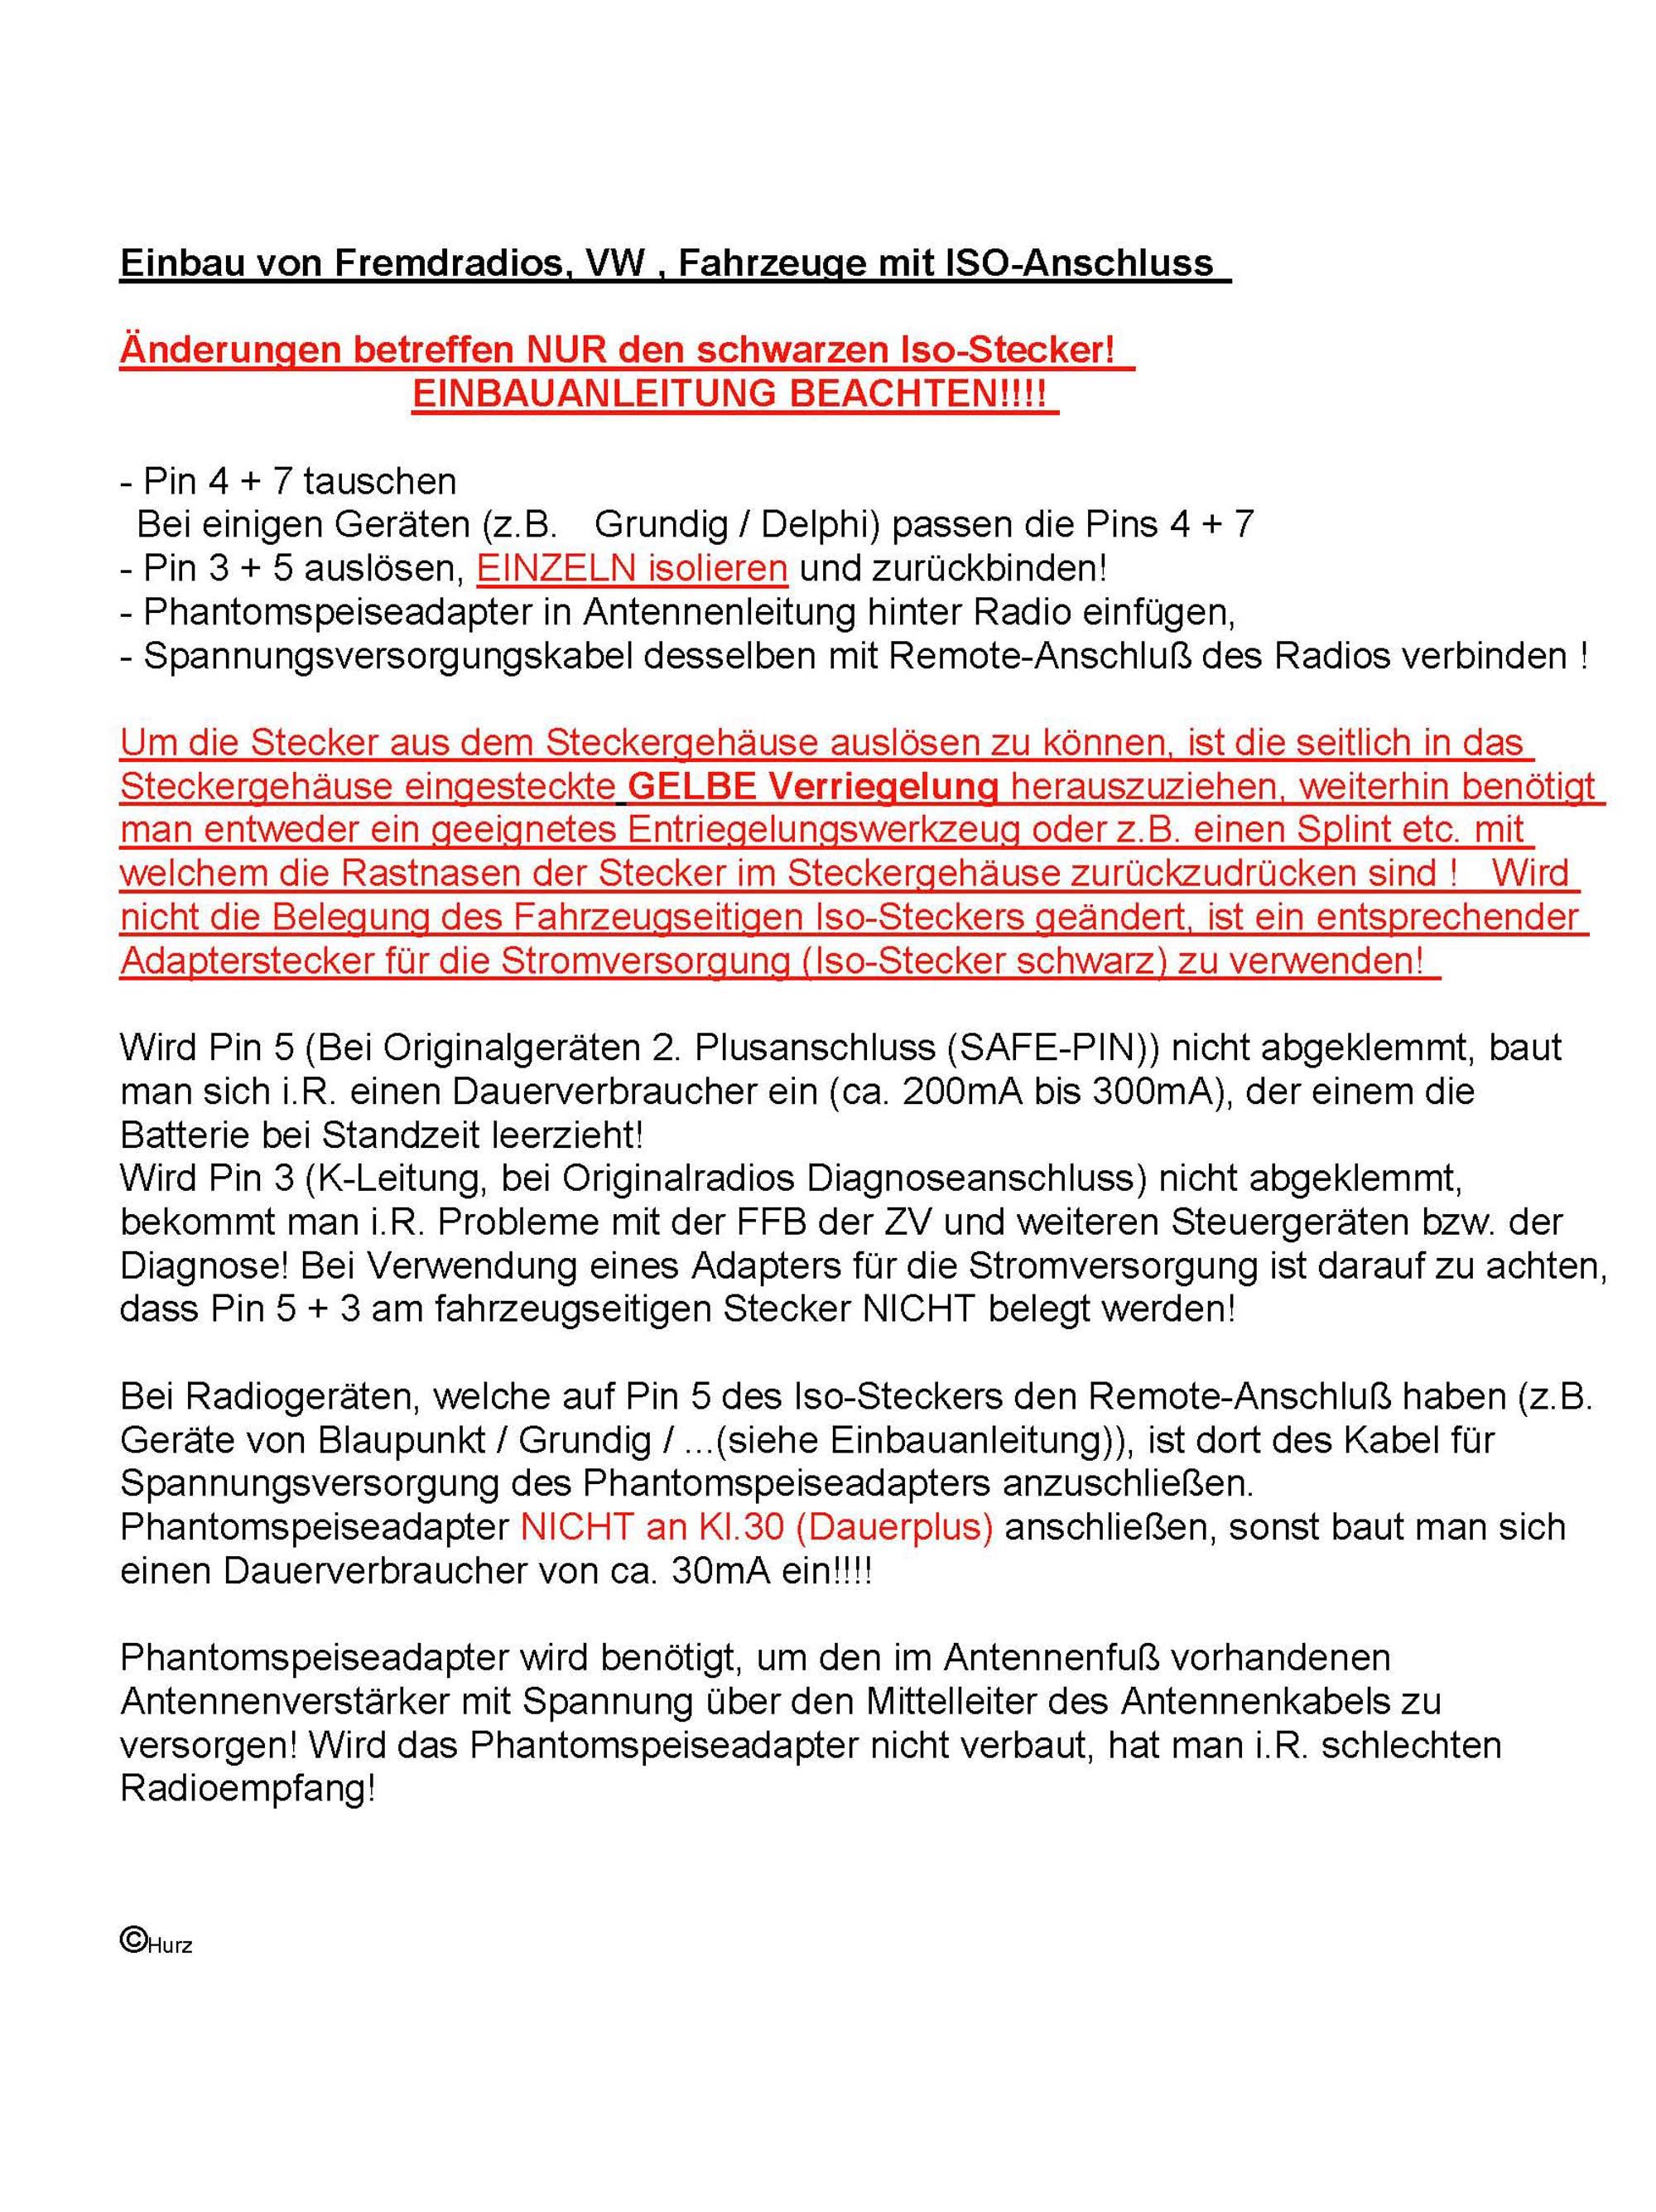 Fantastisch Delphi Radio Schaltplan Fotos - Elektrische Schaltplan ...